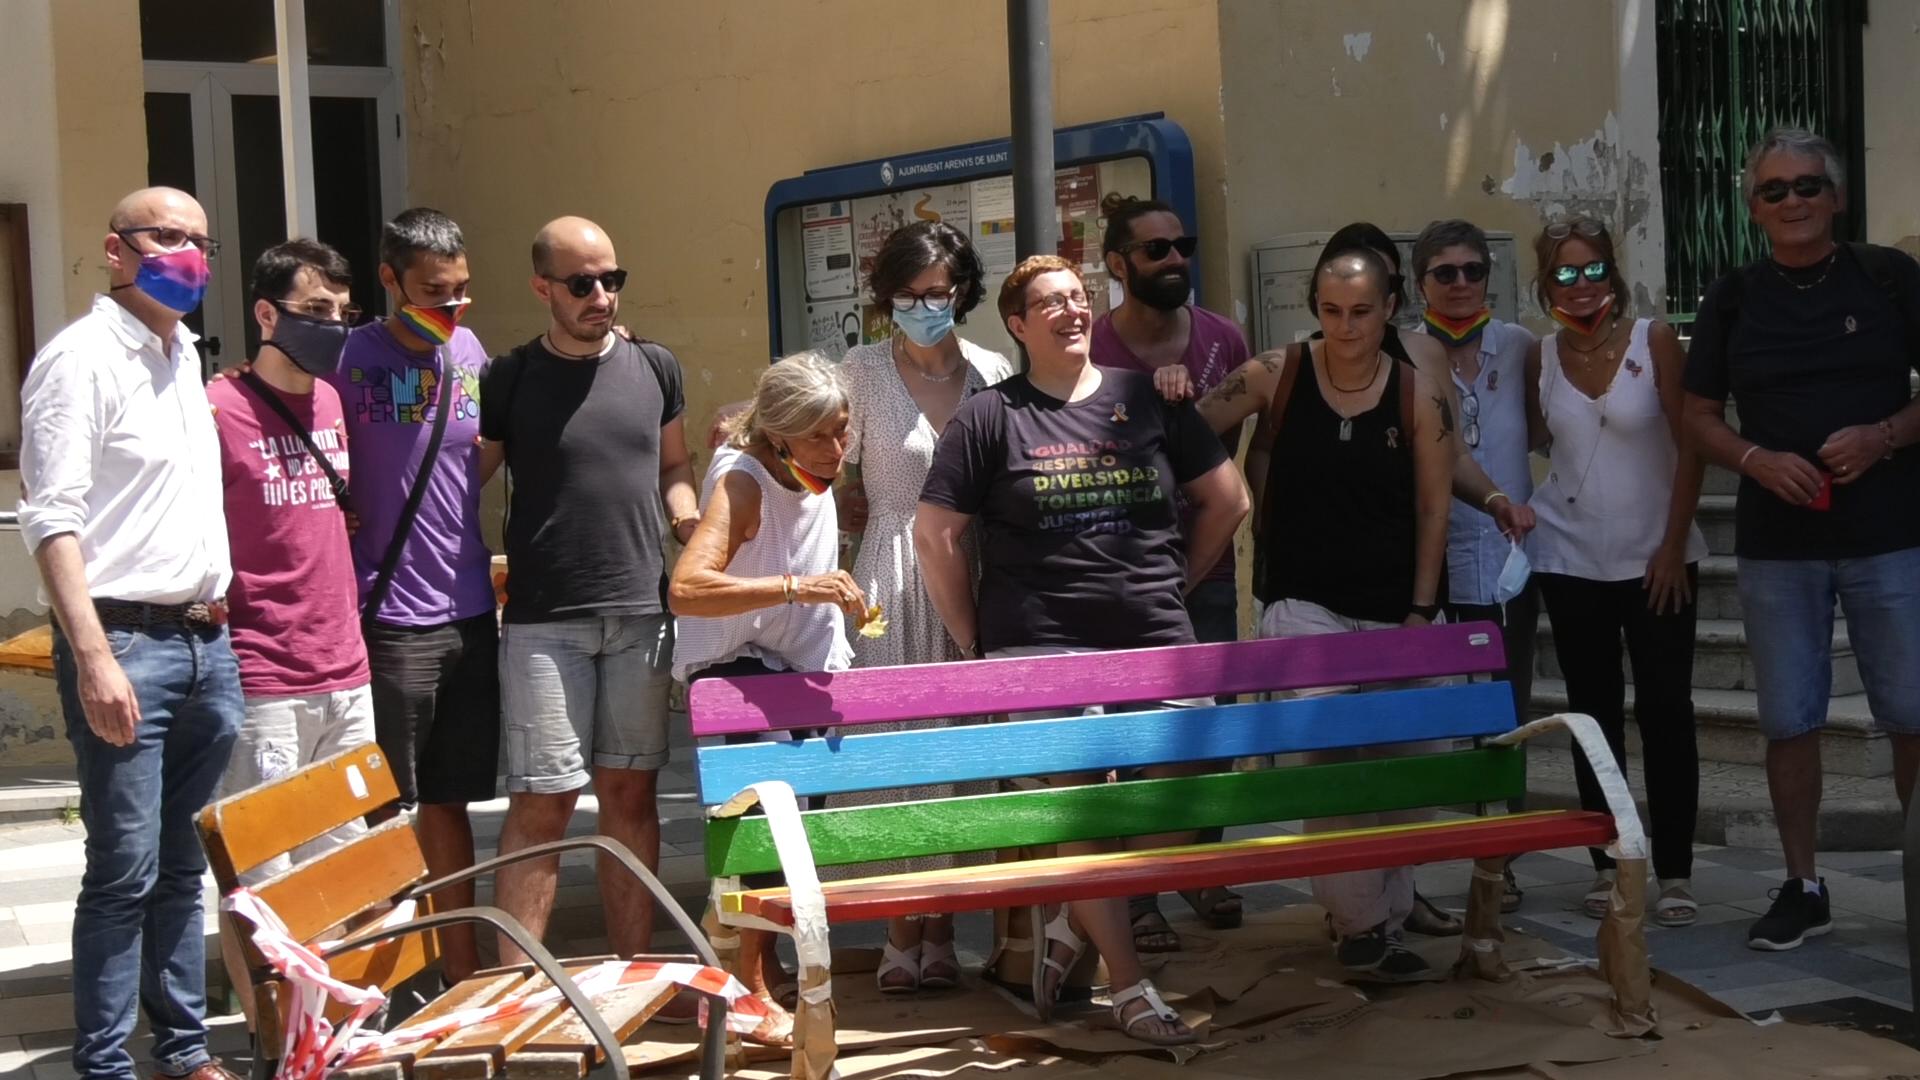 NOU REPORTATGE: Neix Amunt LGBTI, una associació per visibilitzar la comunitat LGBTI